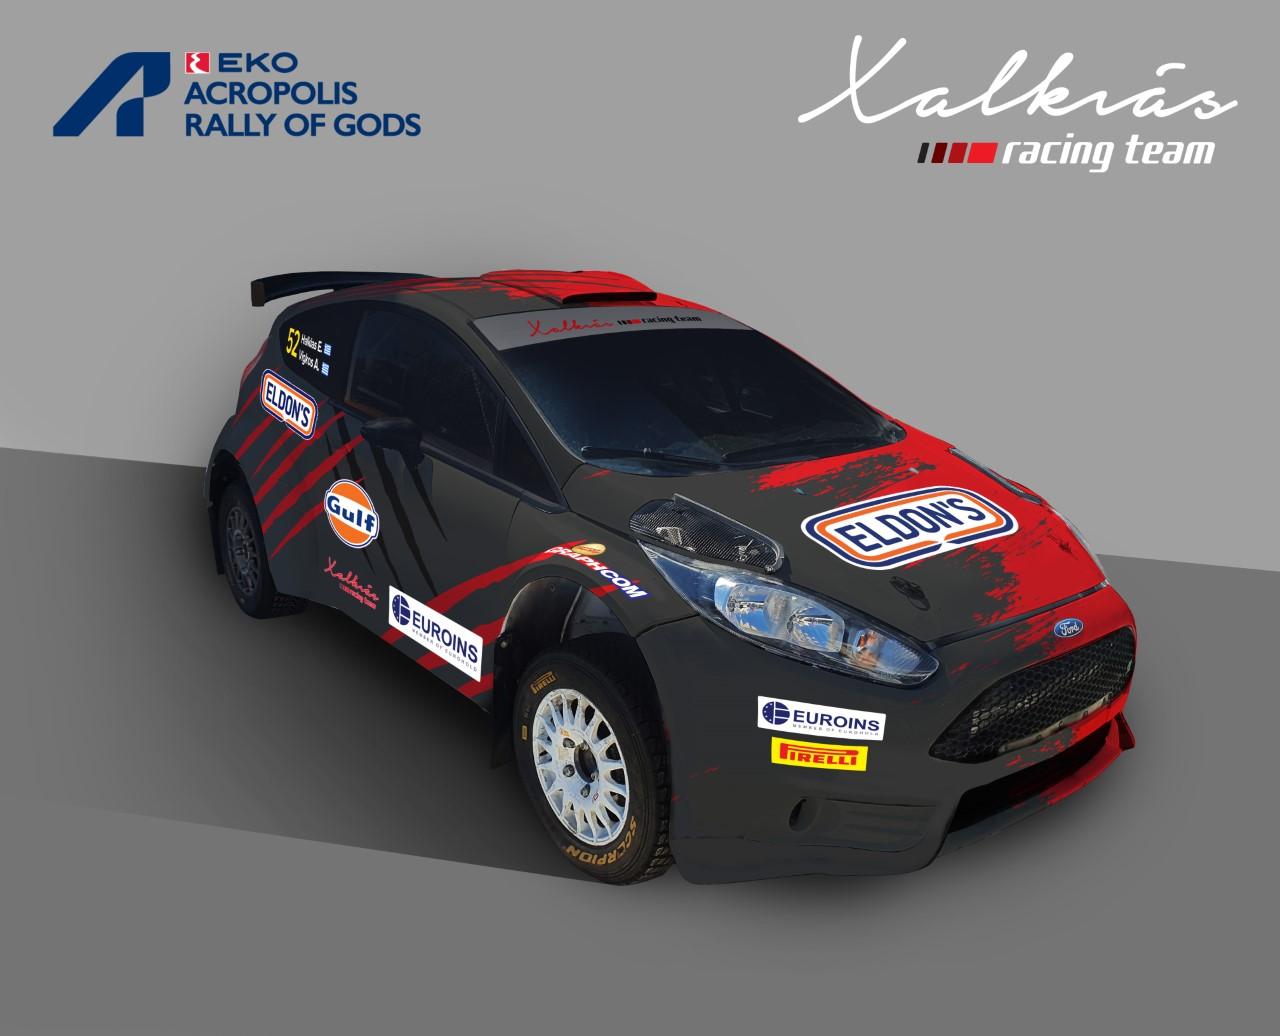 Η Χαλκιάς Racing Team στο Acropolis Rally 2021